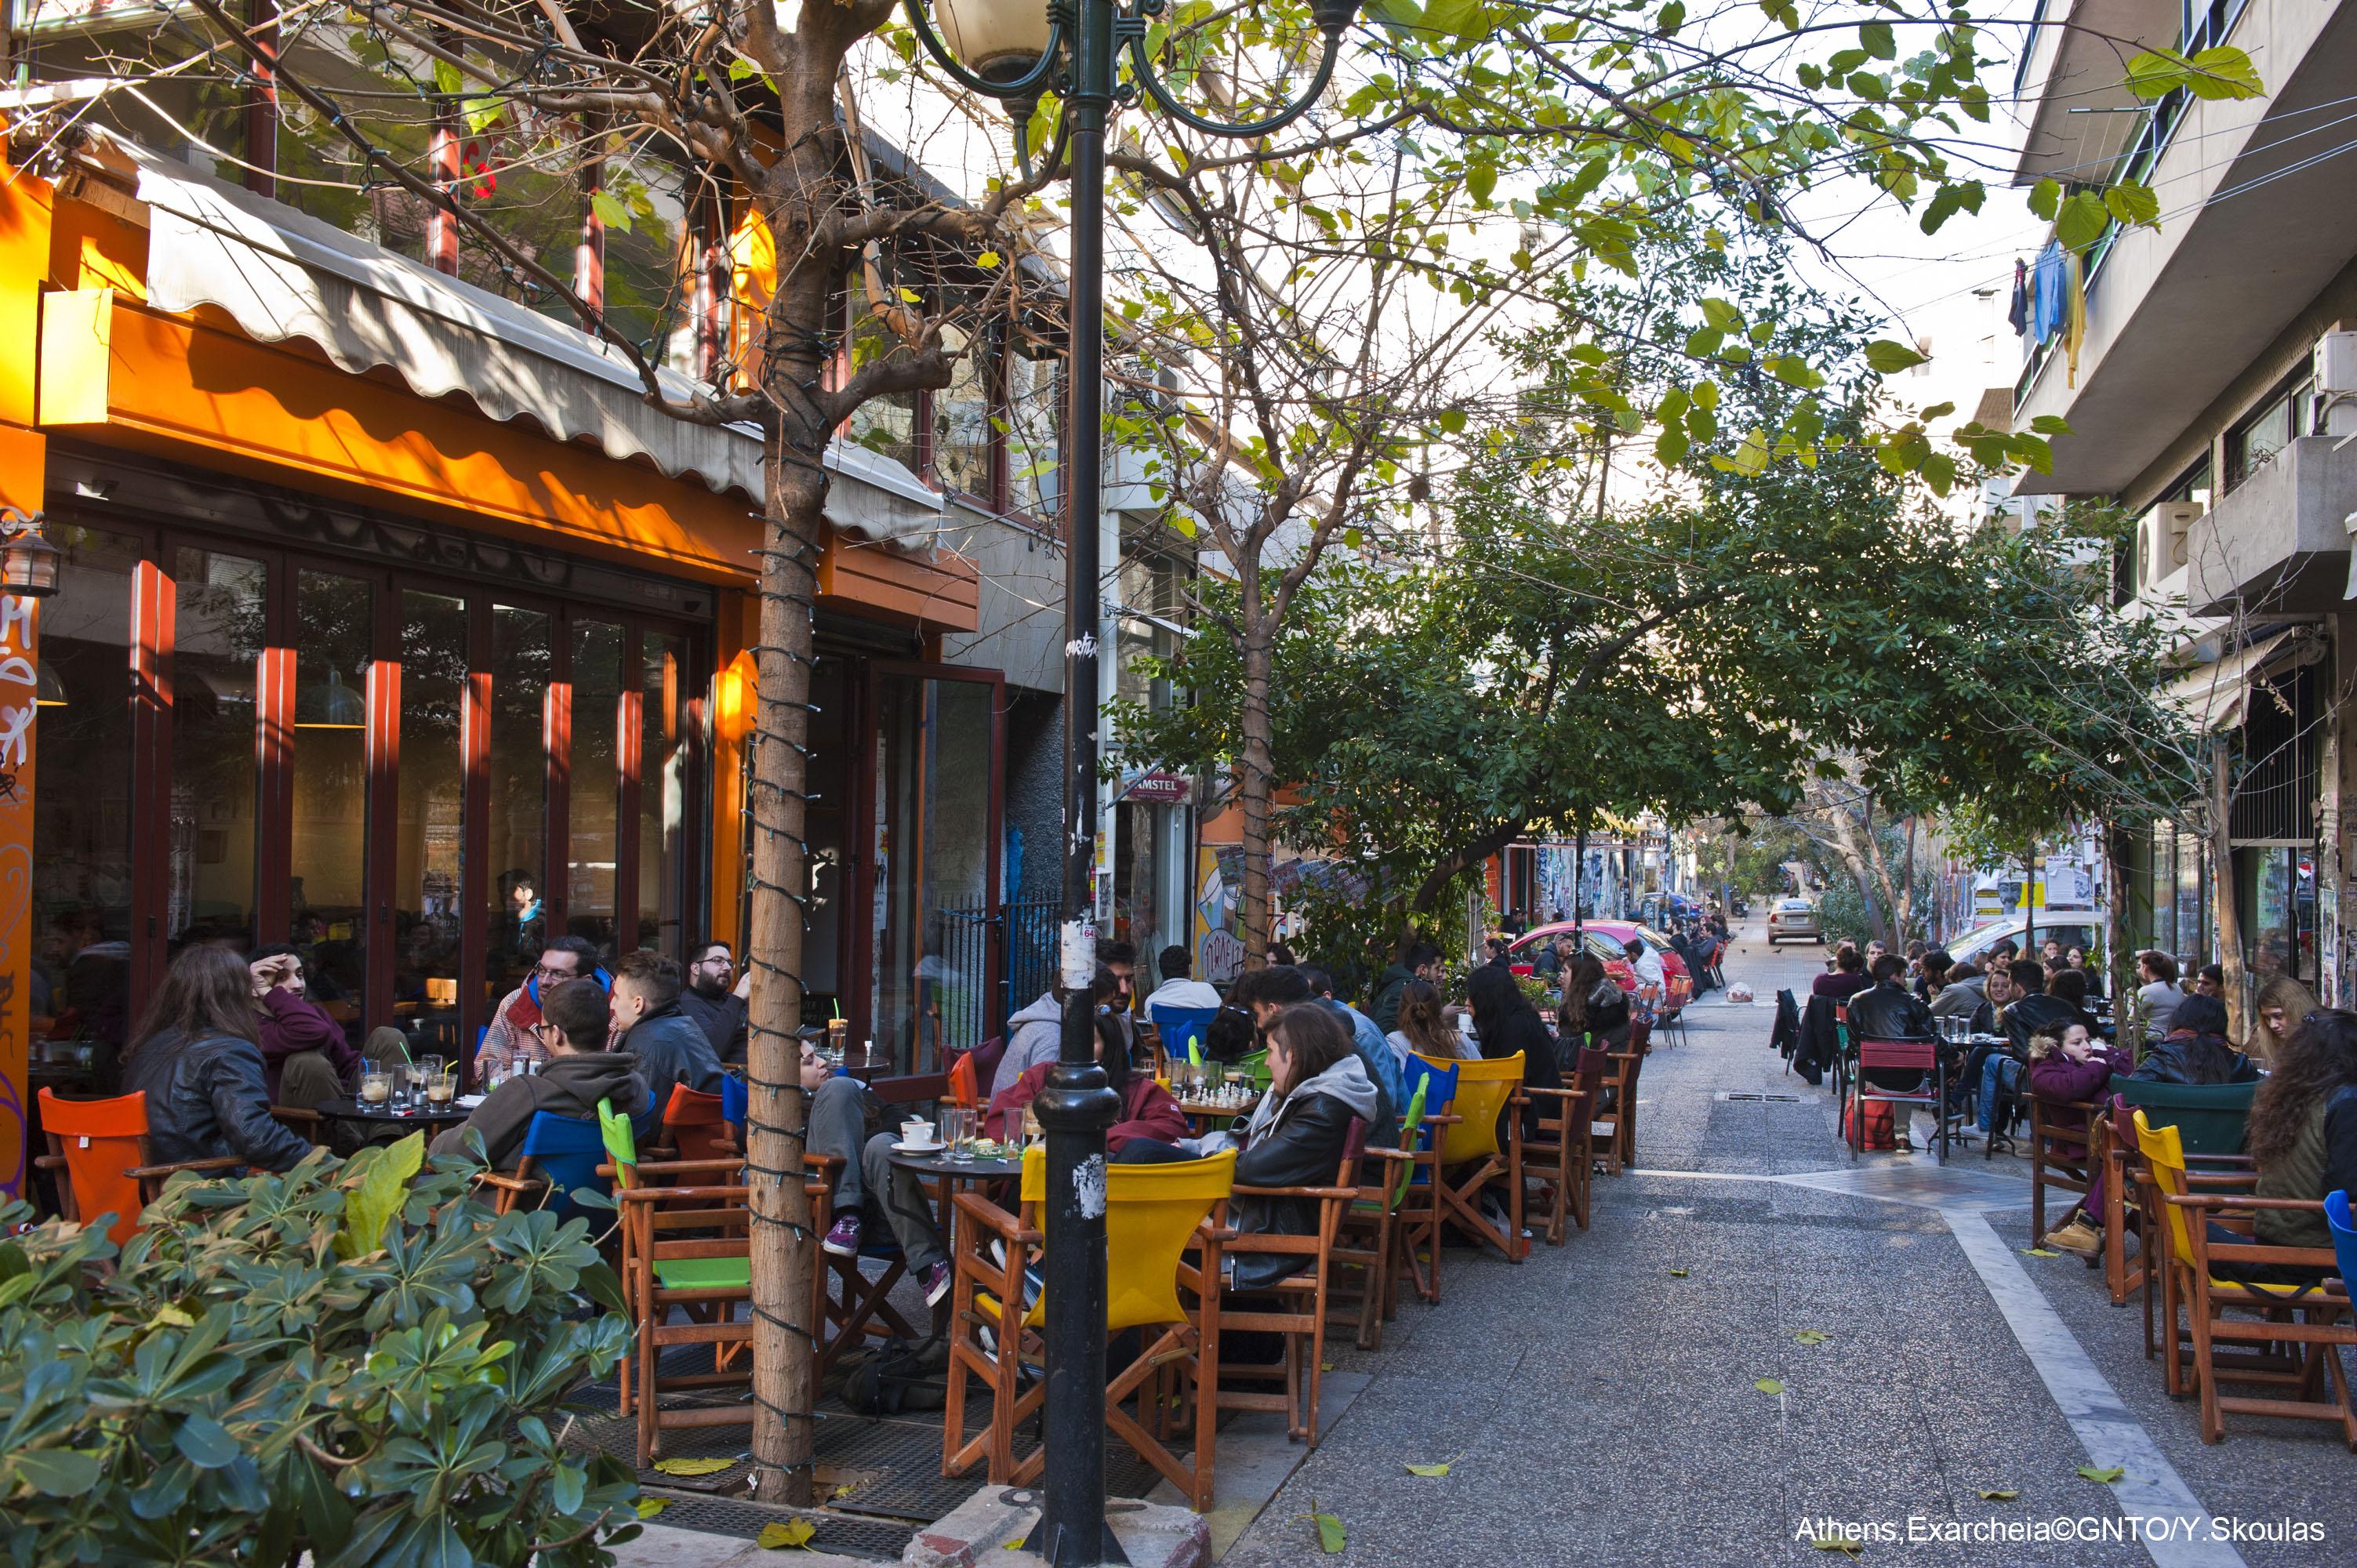 Athens_Exarcheia_8165_photo_YSkoulas.jpg